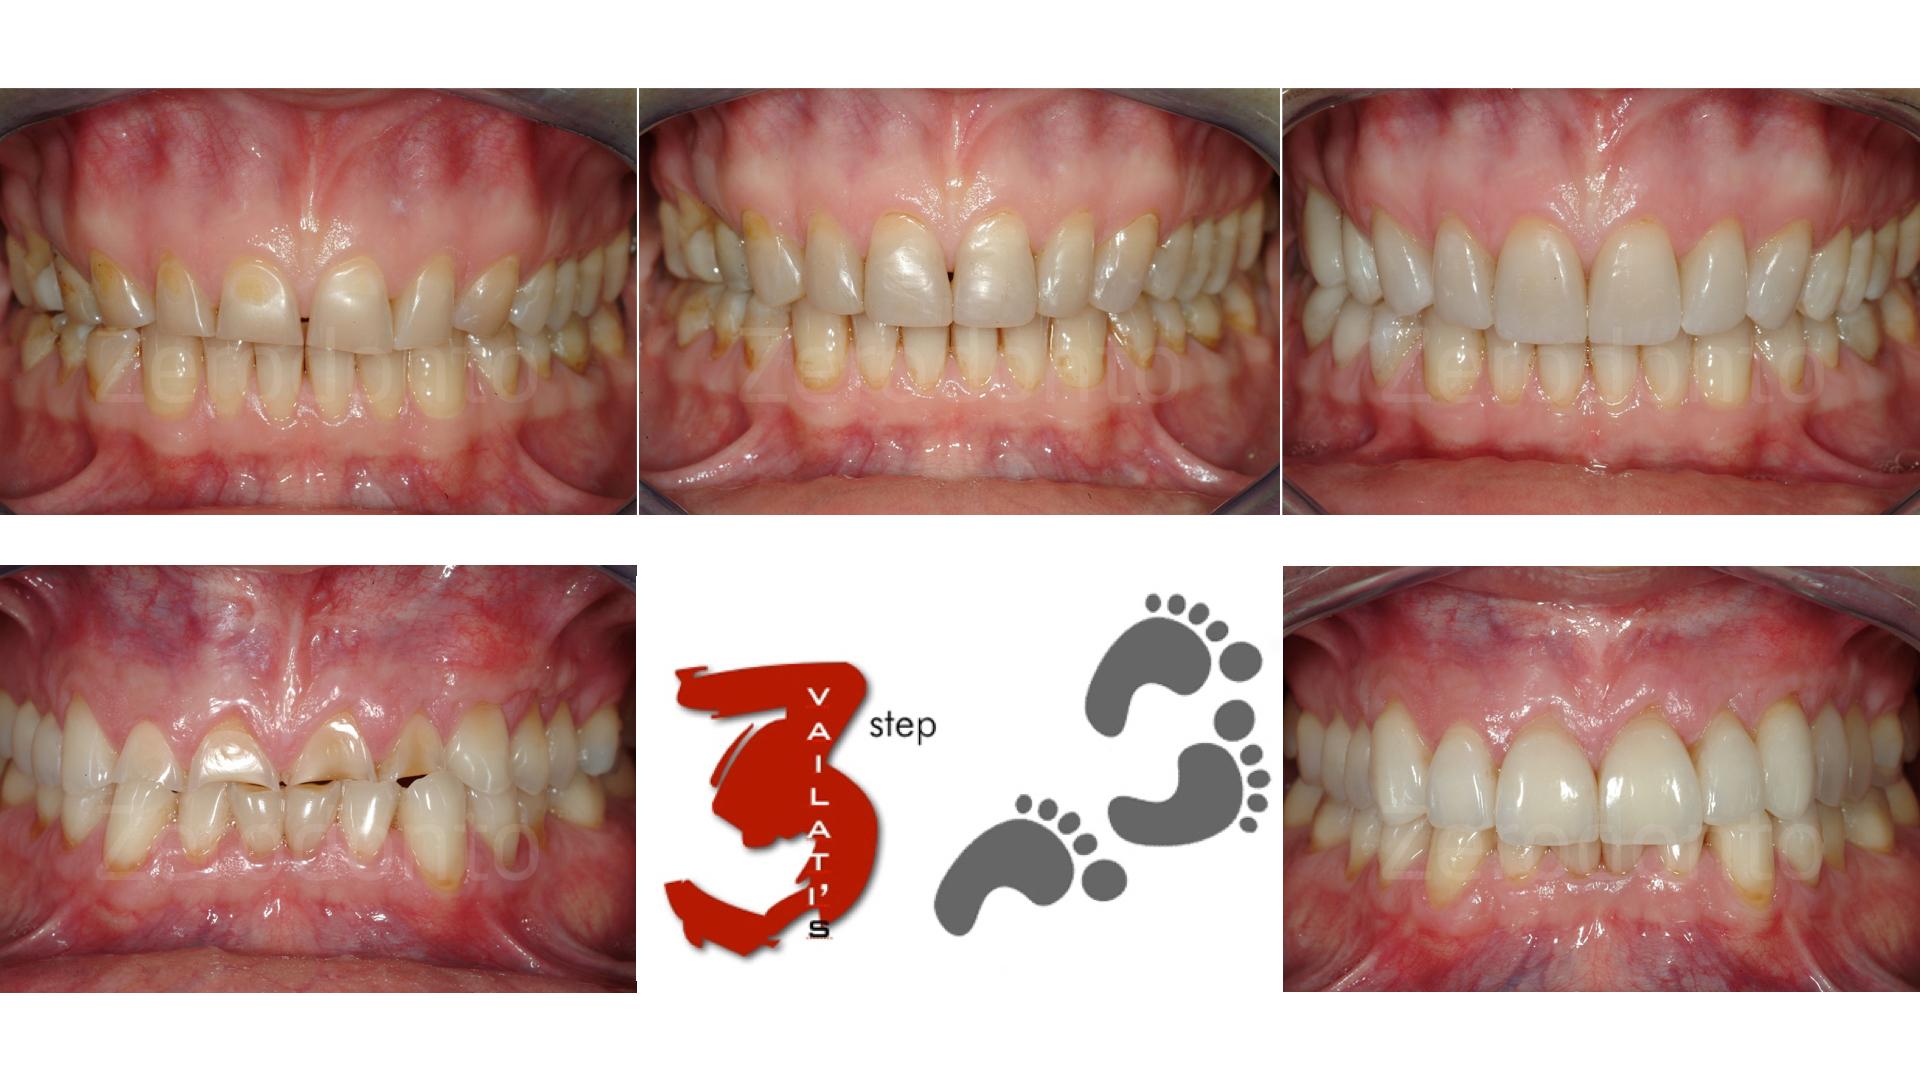 La tecnica 3-STEP classica, un protocollo semplificato per riabilitazioni adesive ADDITIVE